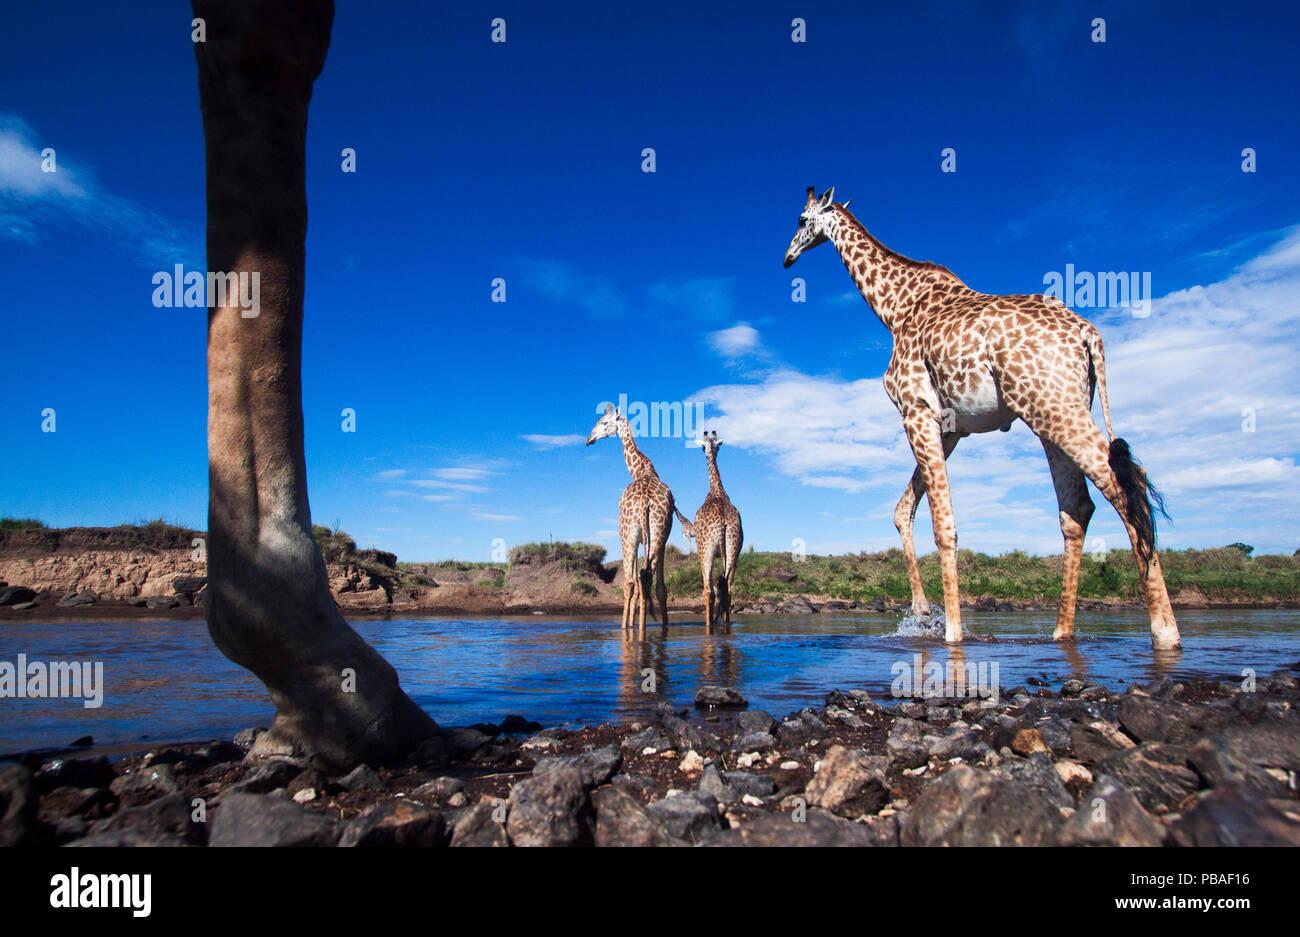 Maasai jirafa (Giraffa camelopardalis tippelskirchi) manada cruzar el río Mara, Reserva Nacional Maasai Mara, en Kenya. Tomadas con la cámara de gran angular a distancia. Imagen De Stock